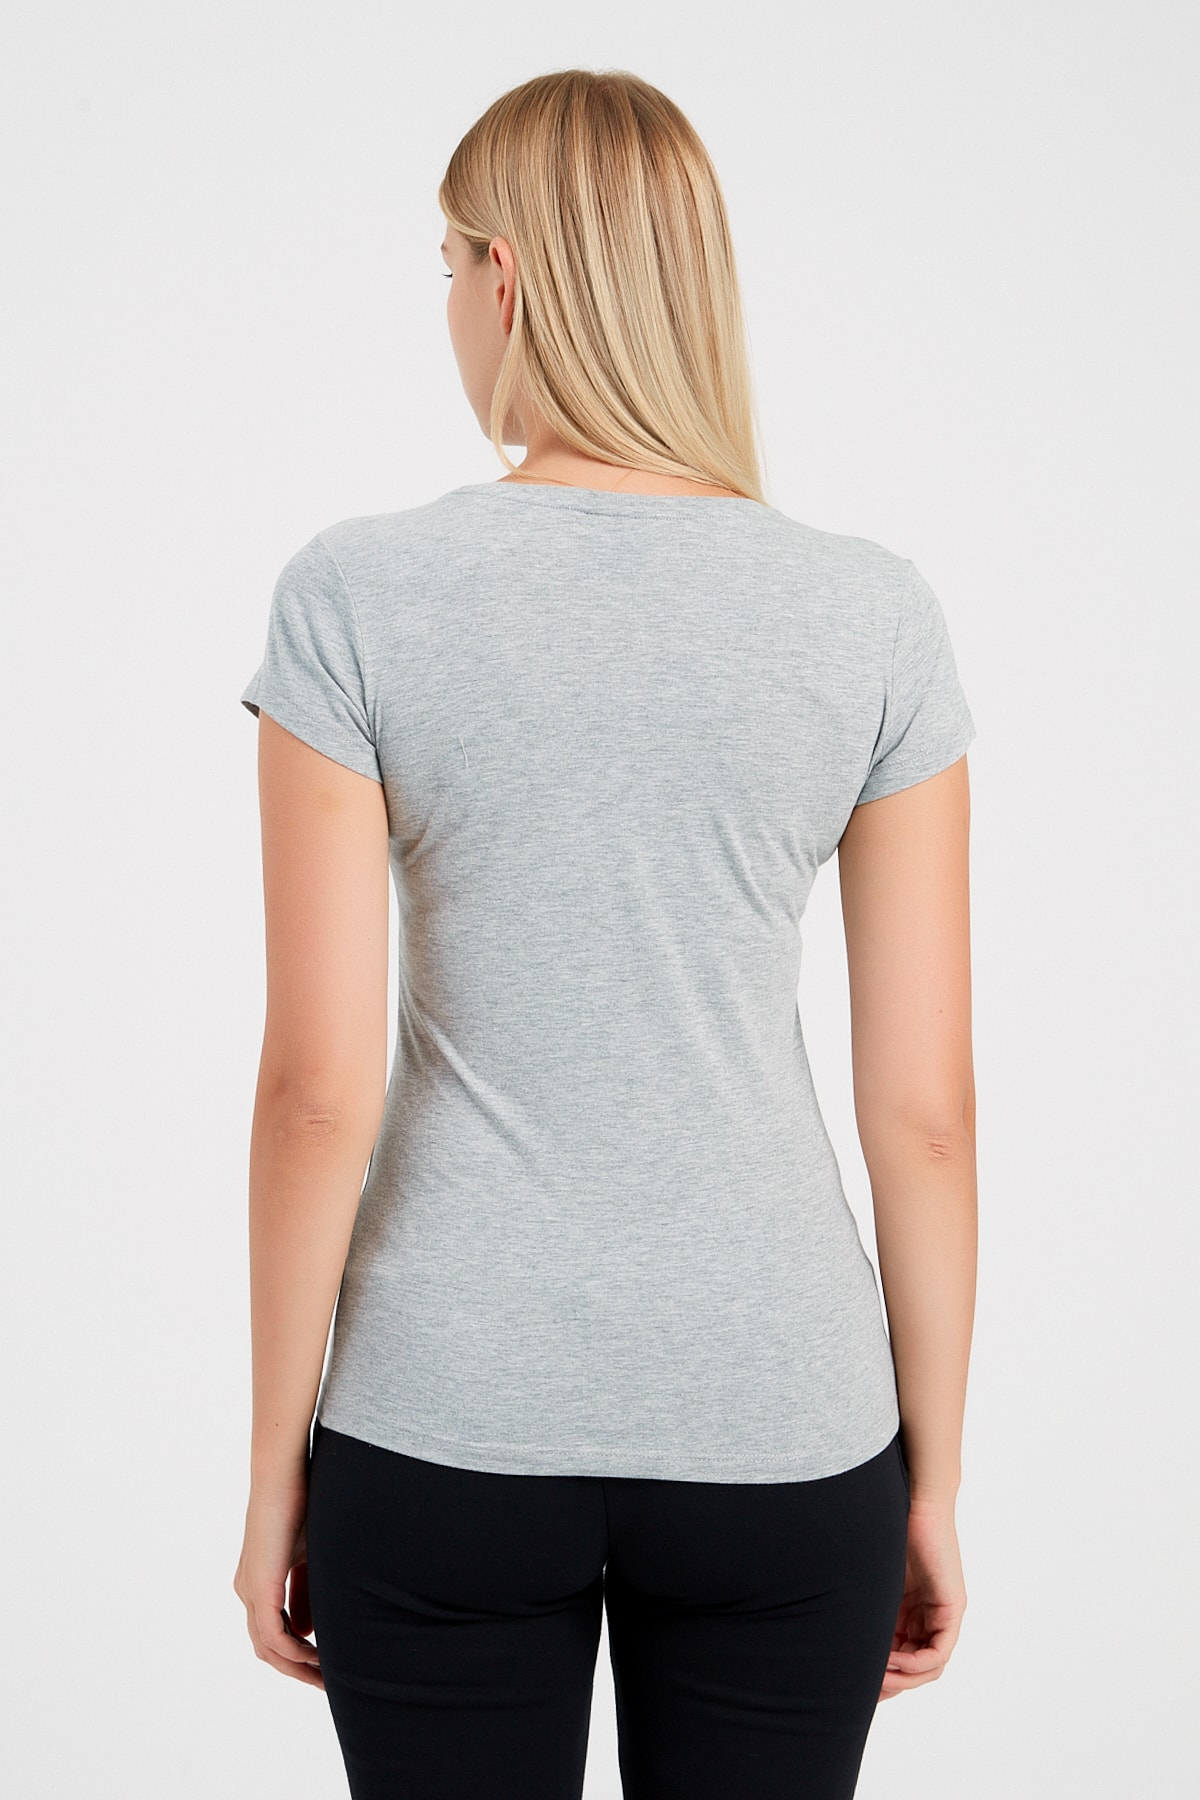 HUMMEL Kadın Spor T-shirt - Hmlavalın T-Shırt S/ 2